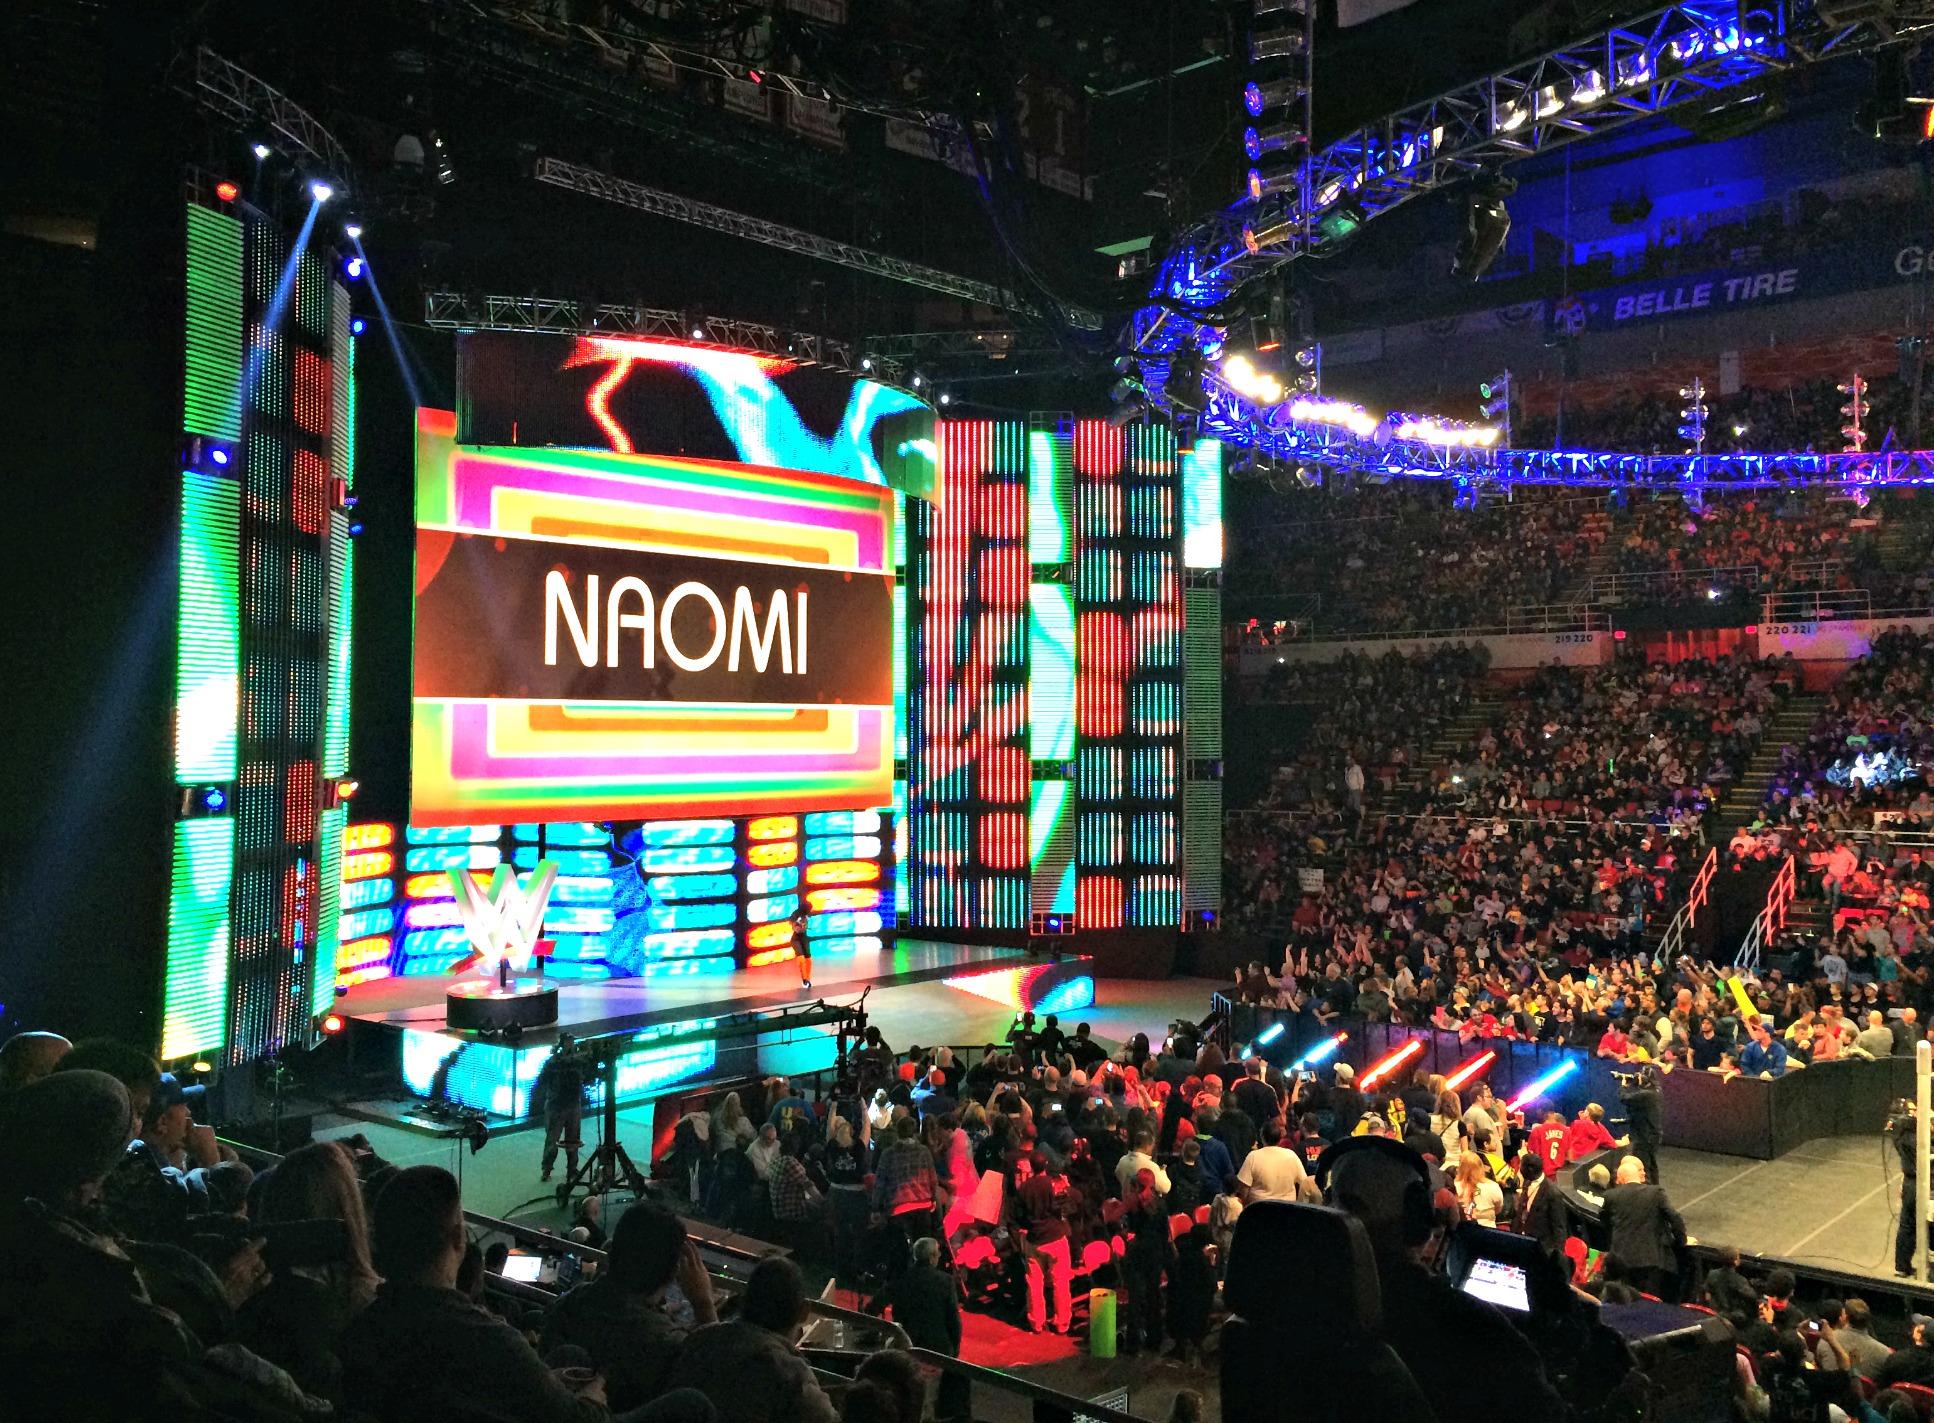 WWE Detroit Naomi entrance